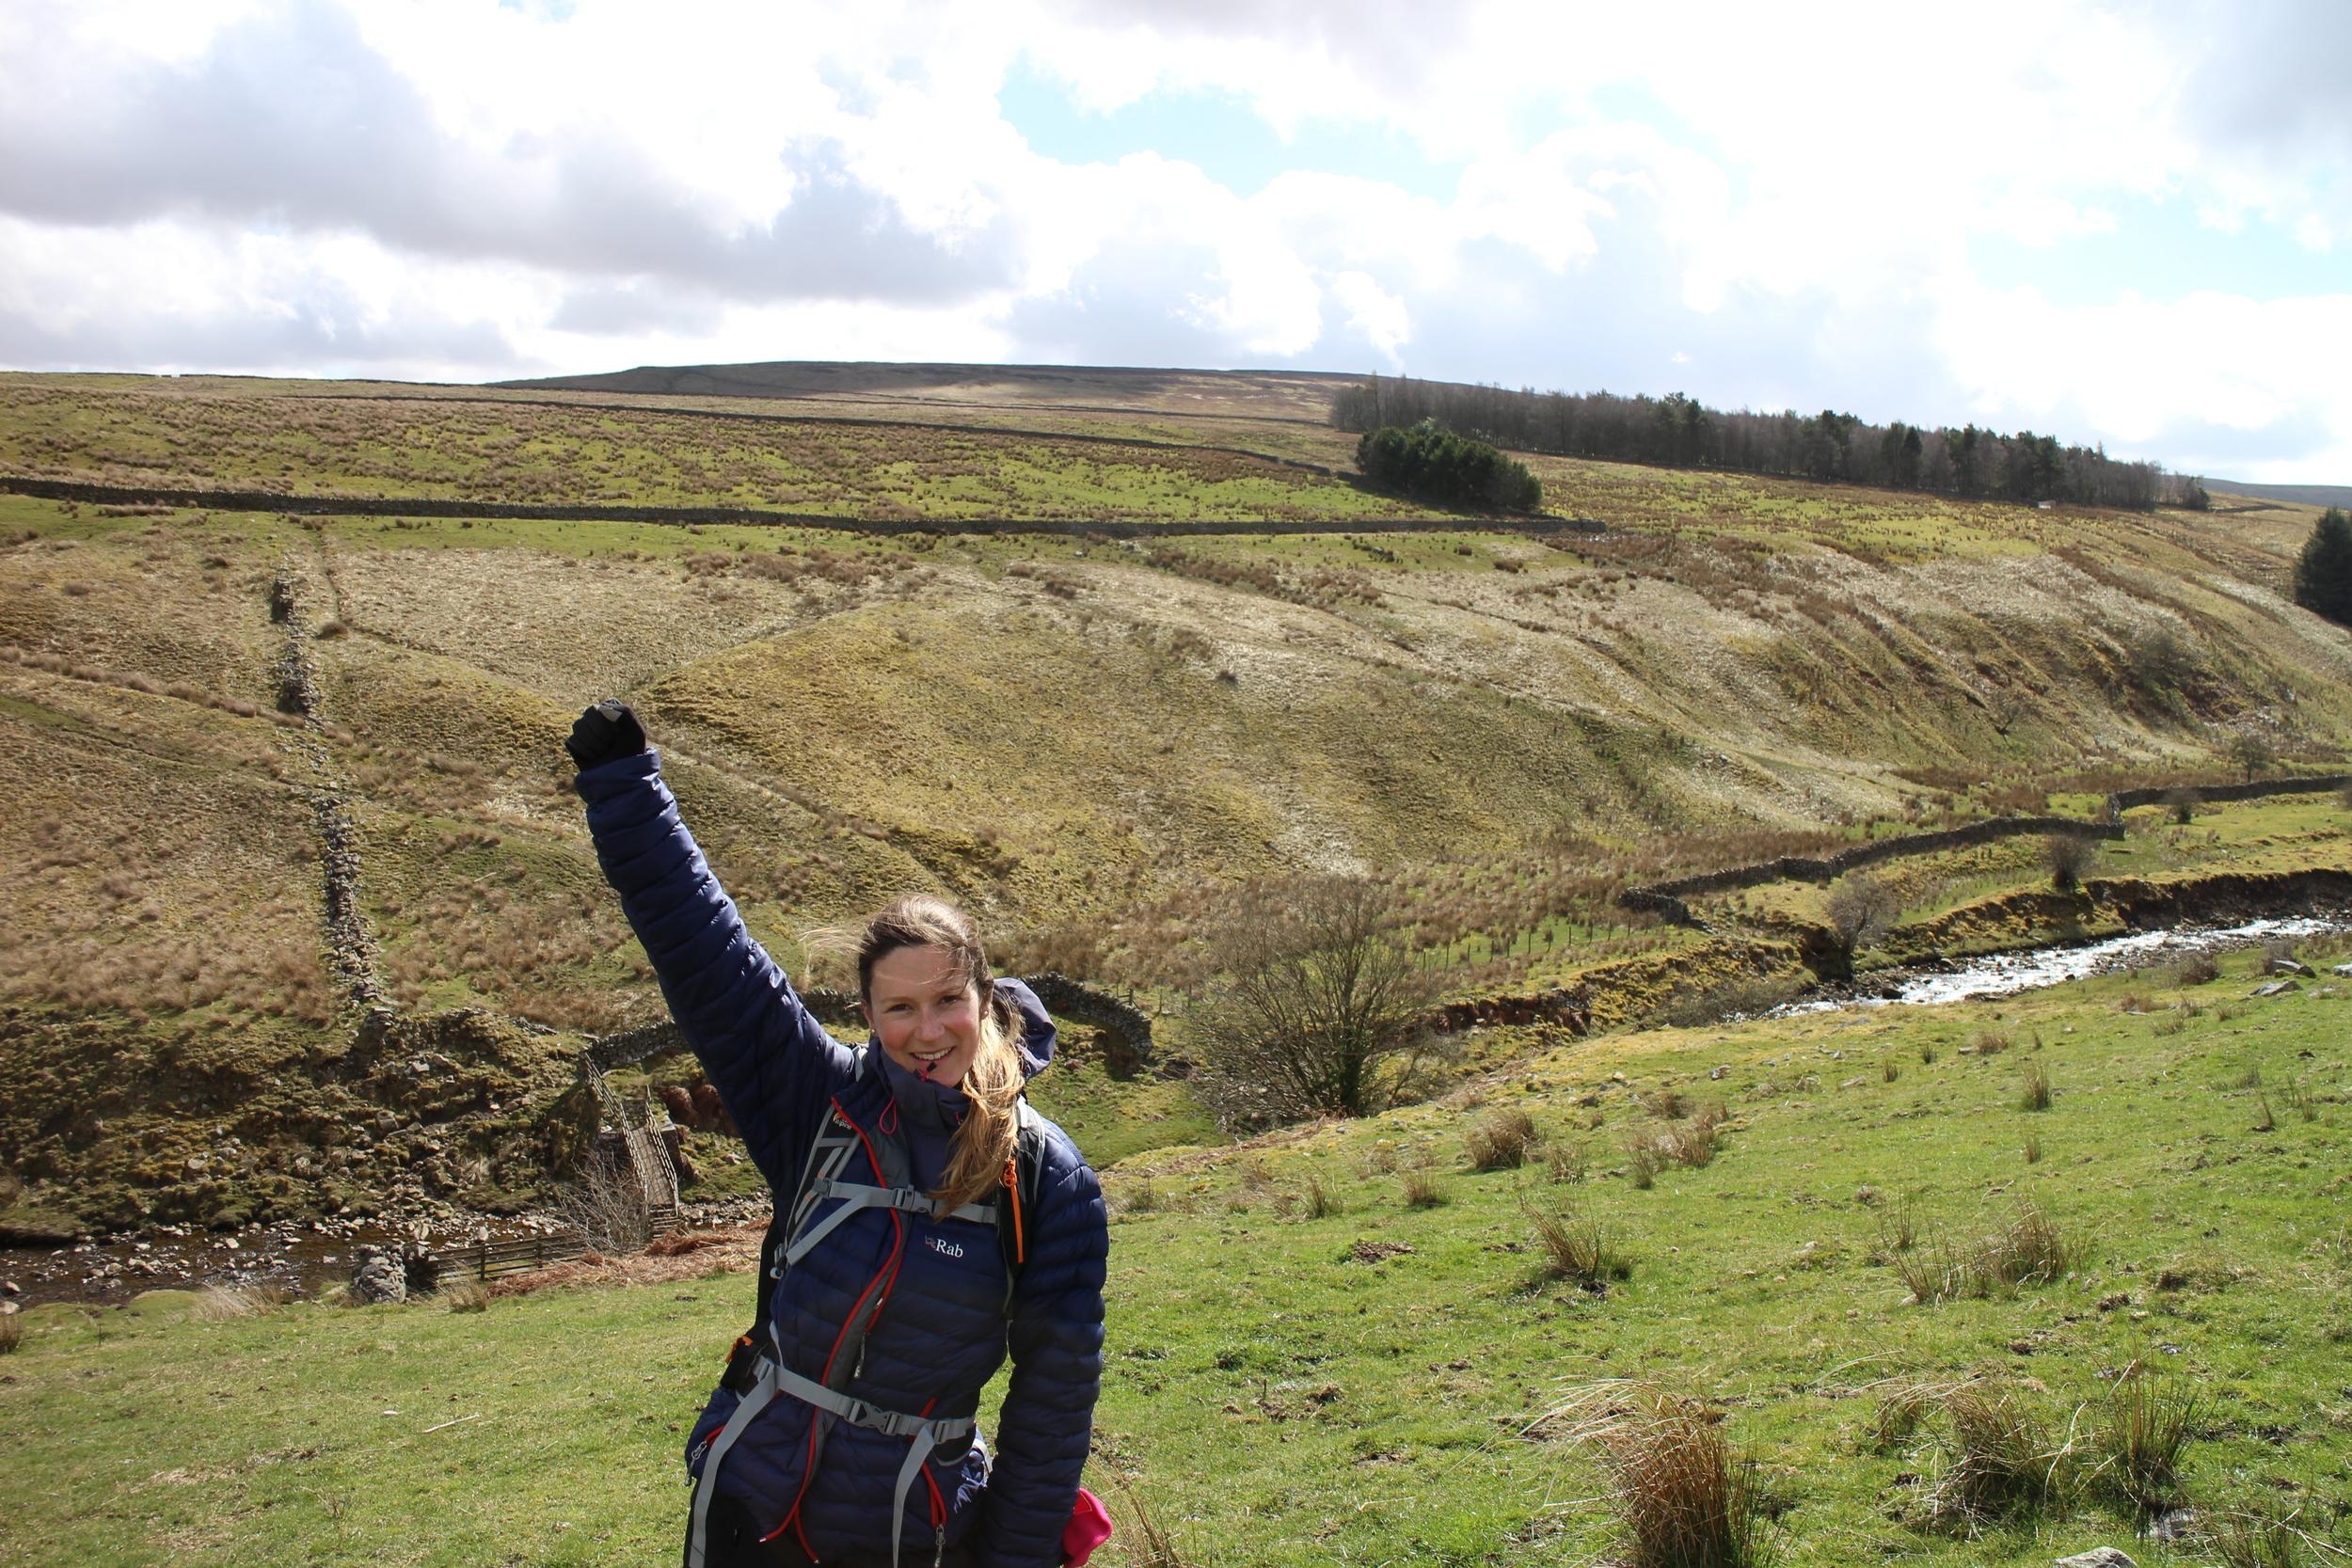 Cumbria leg completed